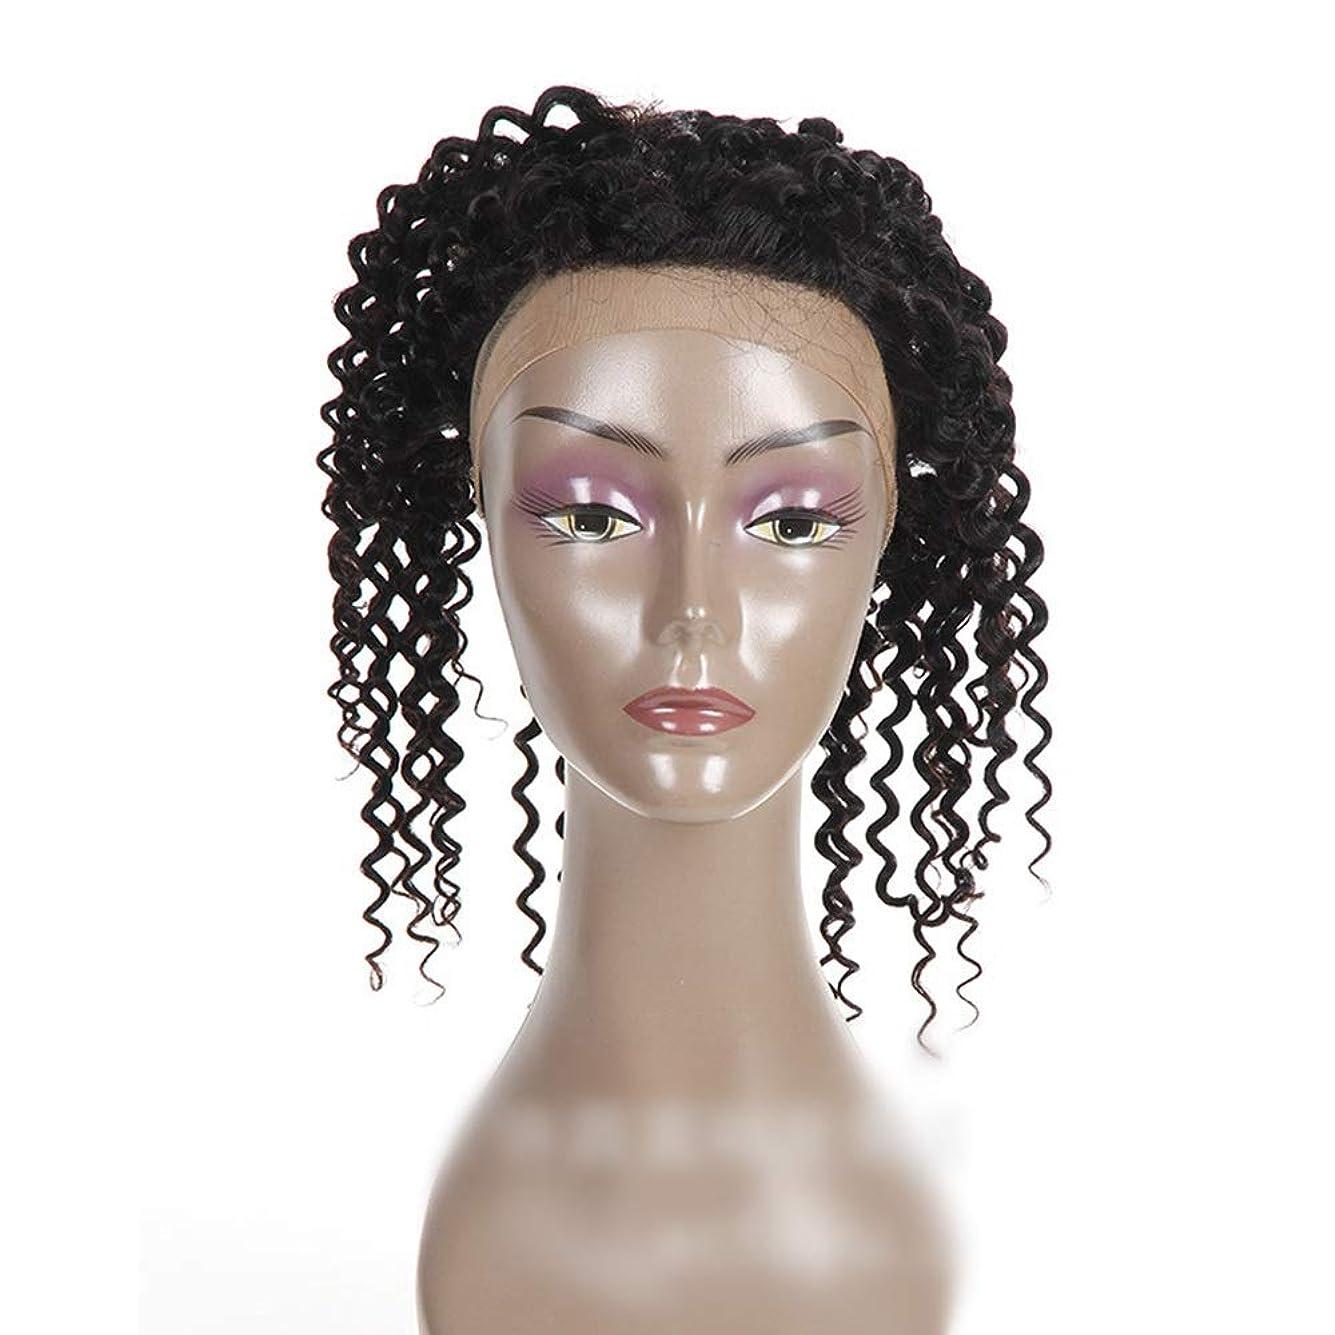 かつら ナチュラルカラー360レース前頭閉鎖ブラジル人間の髪の毛深い波カーリーフリーパートヘアエクステンションショートカーリーウィッグ (色 : 黒, サイズ : 18 inch)